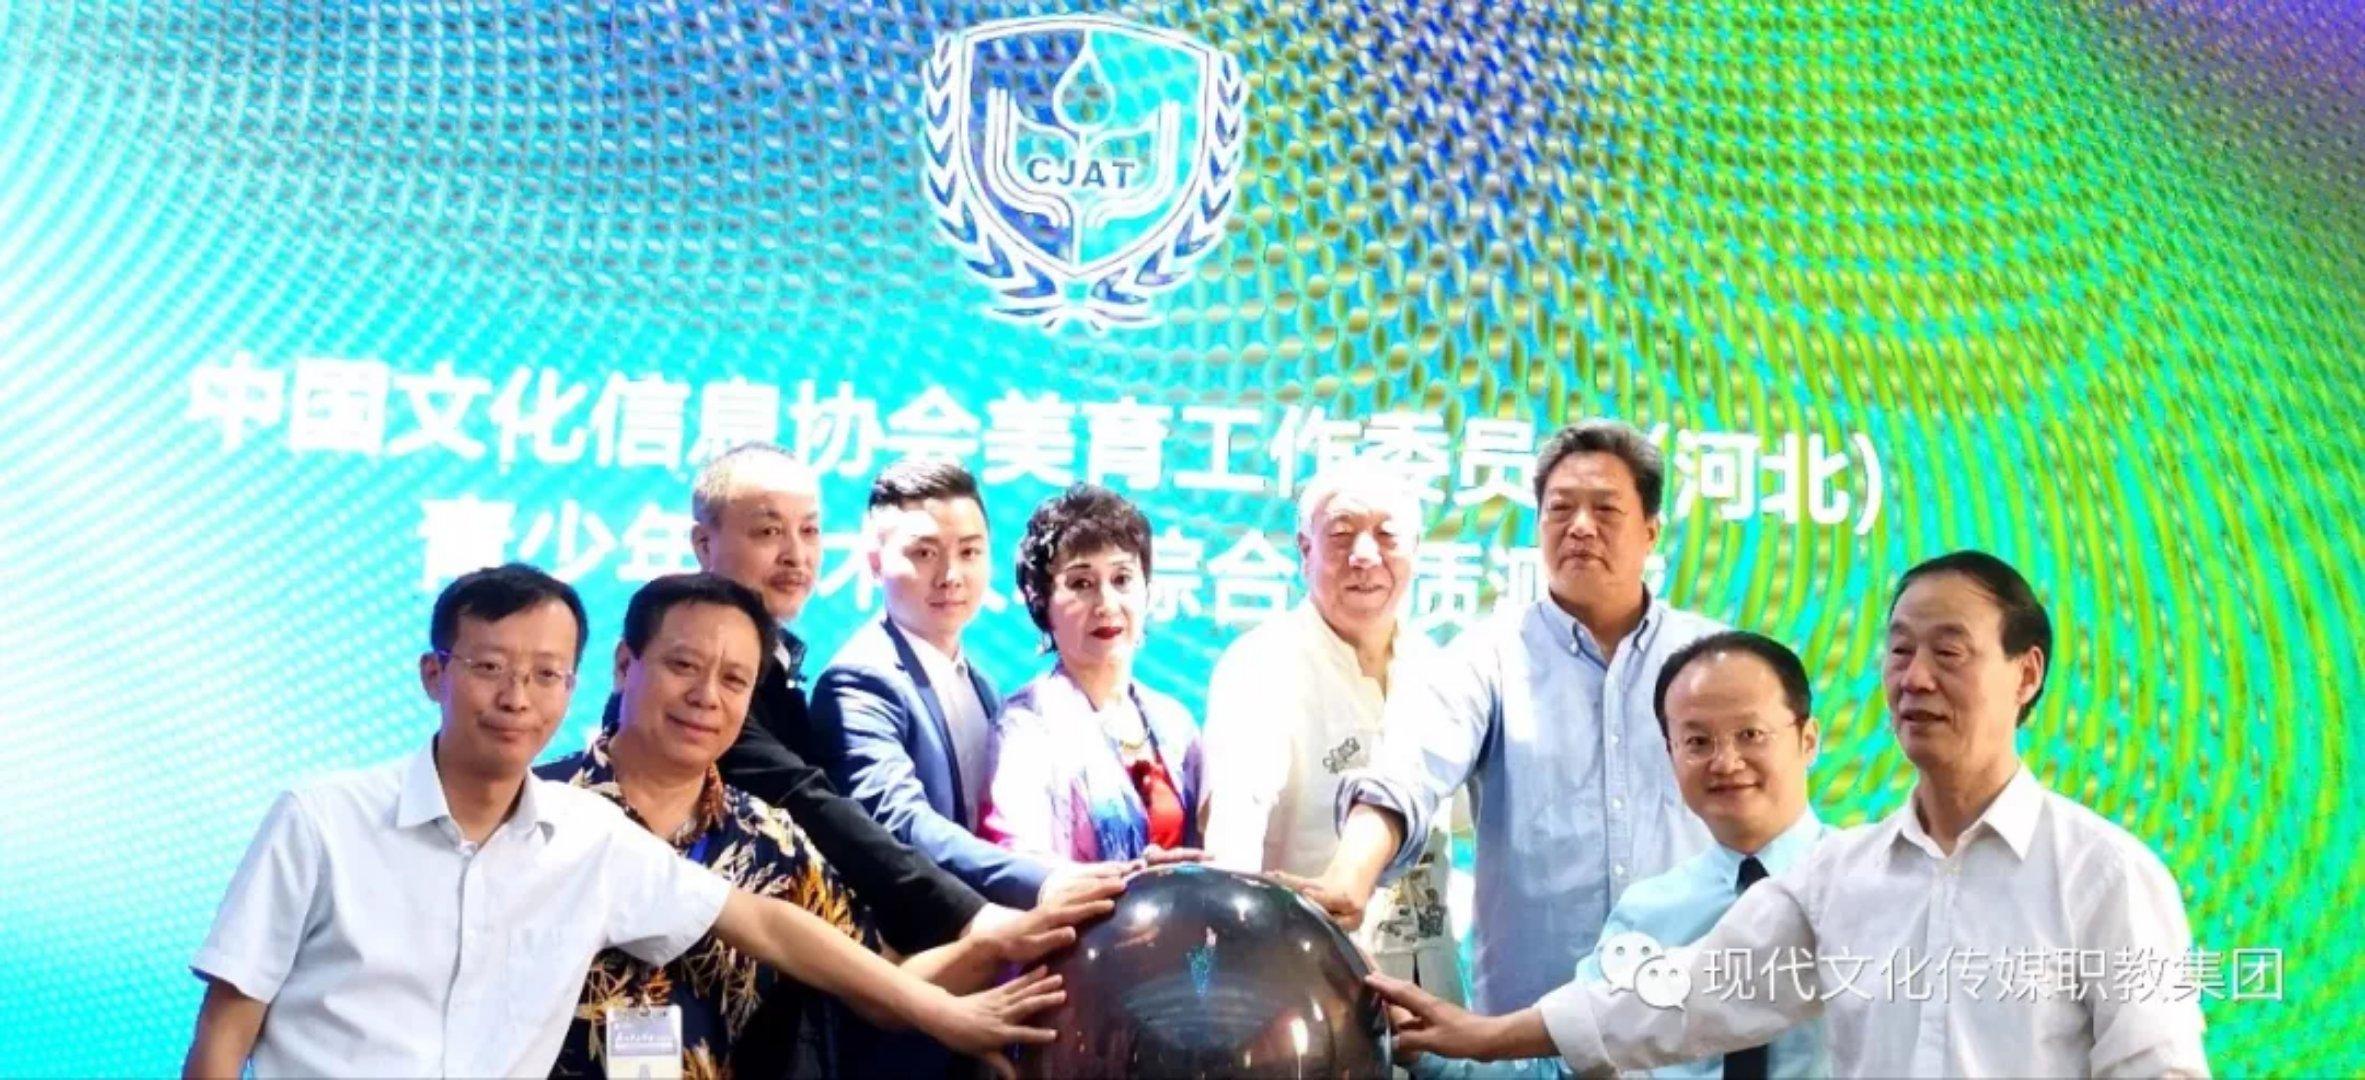 全球华人青少年舞蹈大赛河北启幕—舞动人生,让世界看见你!